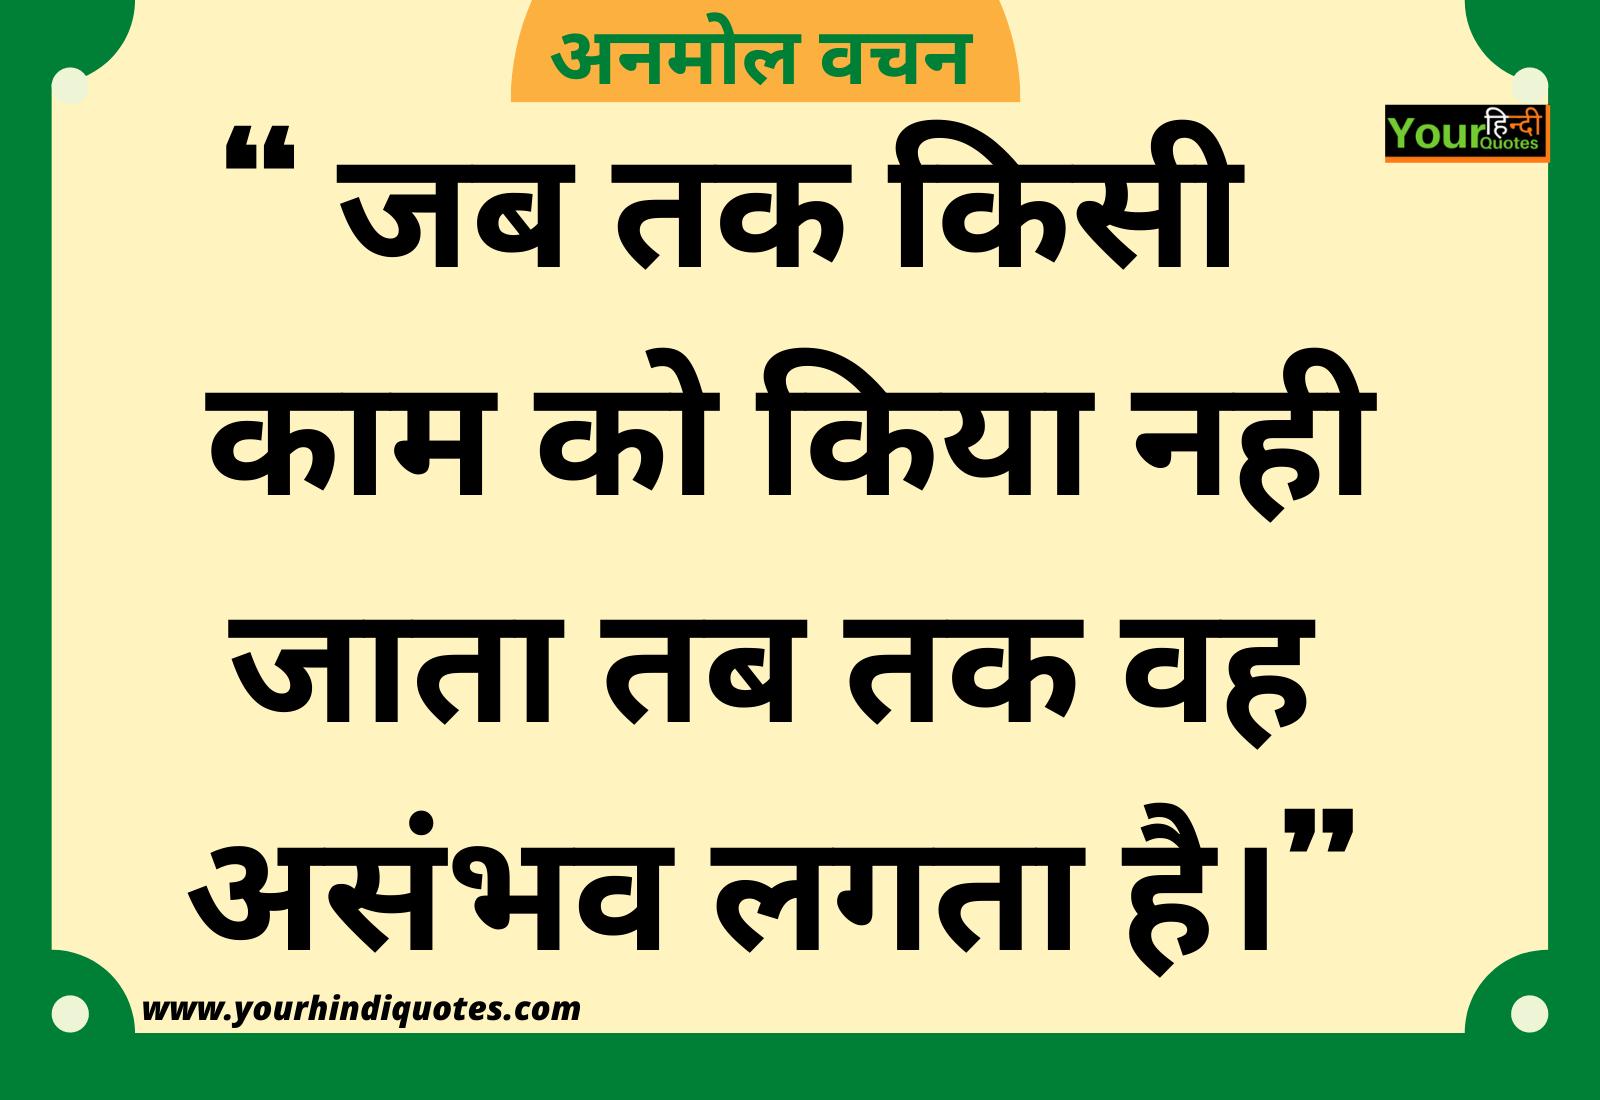 Hindi Anmol Vachan Quote Image